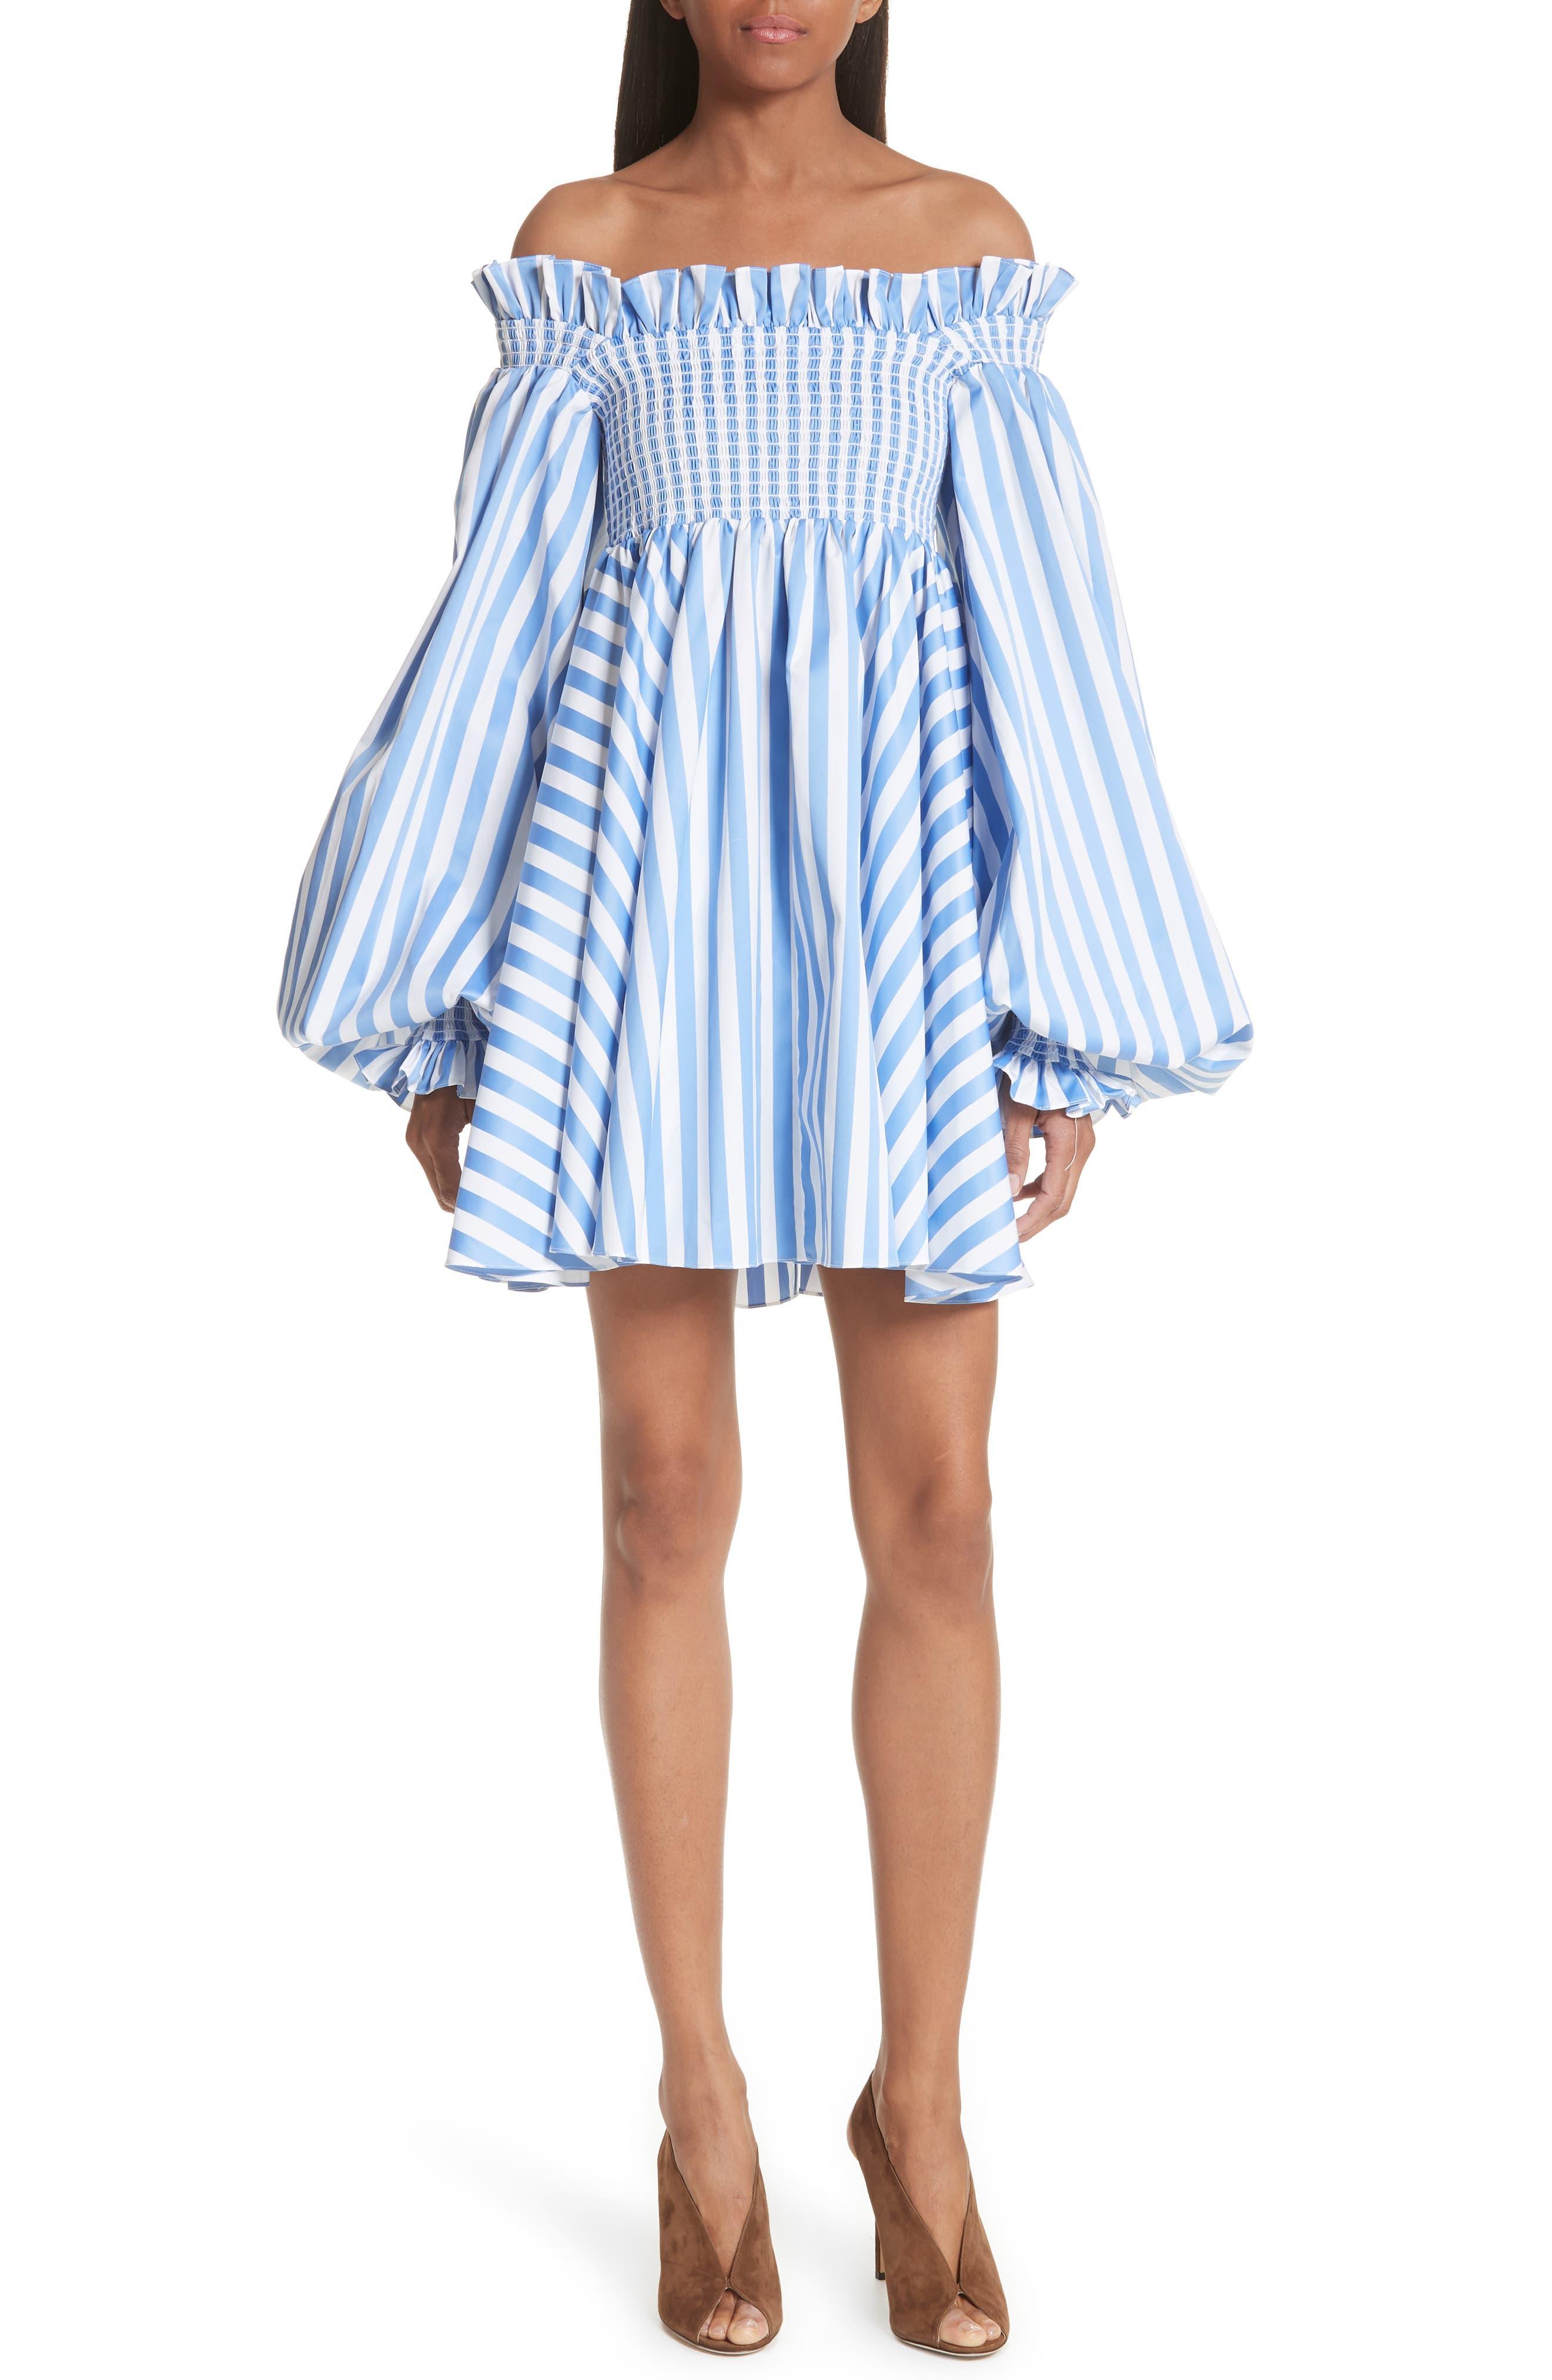 Kora Stripe Off the Shoulder Dress,                         Main,                         color, Blue/ White